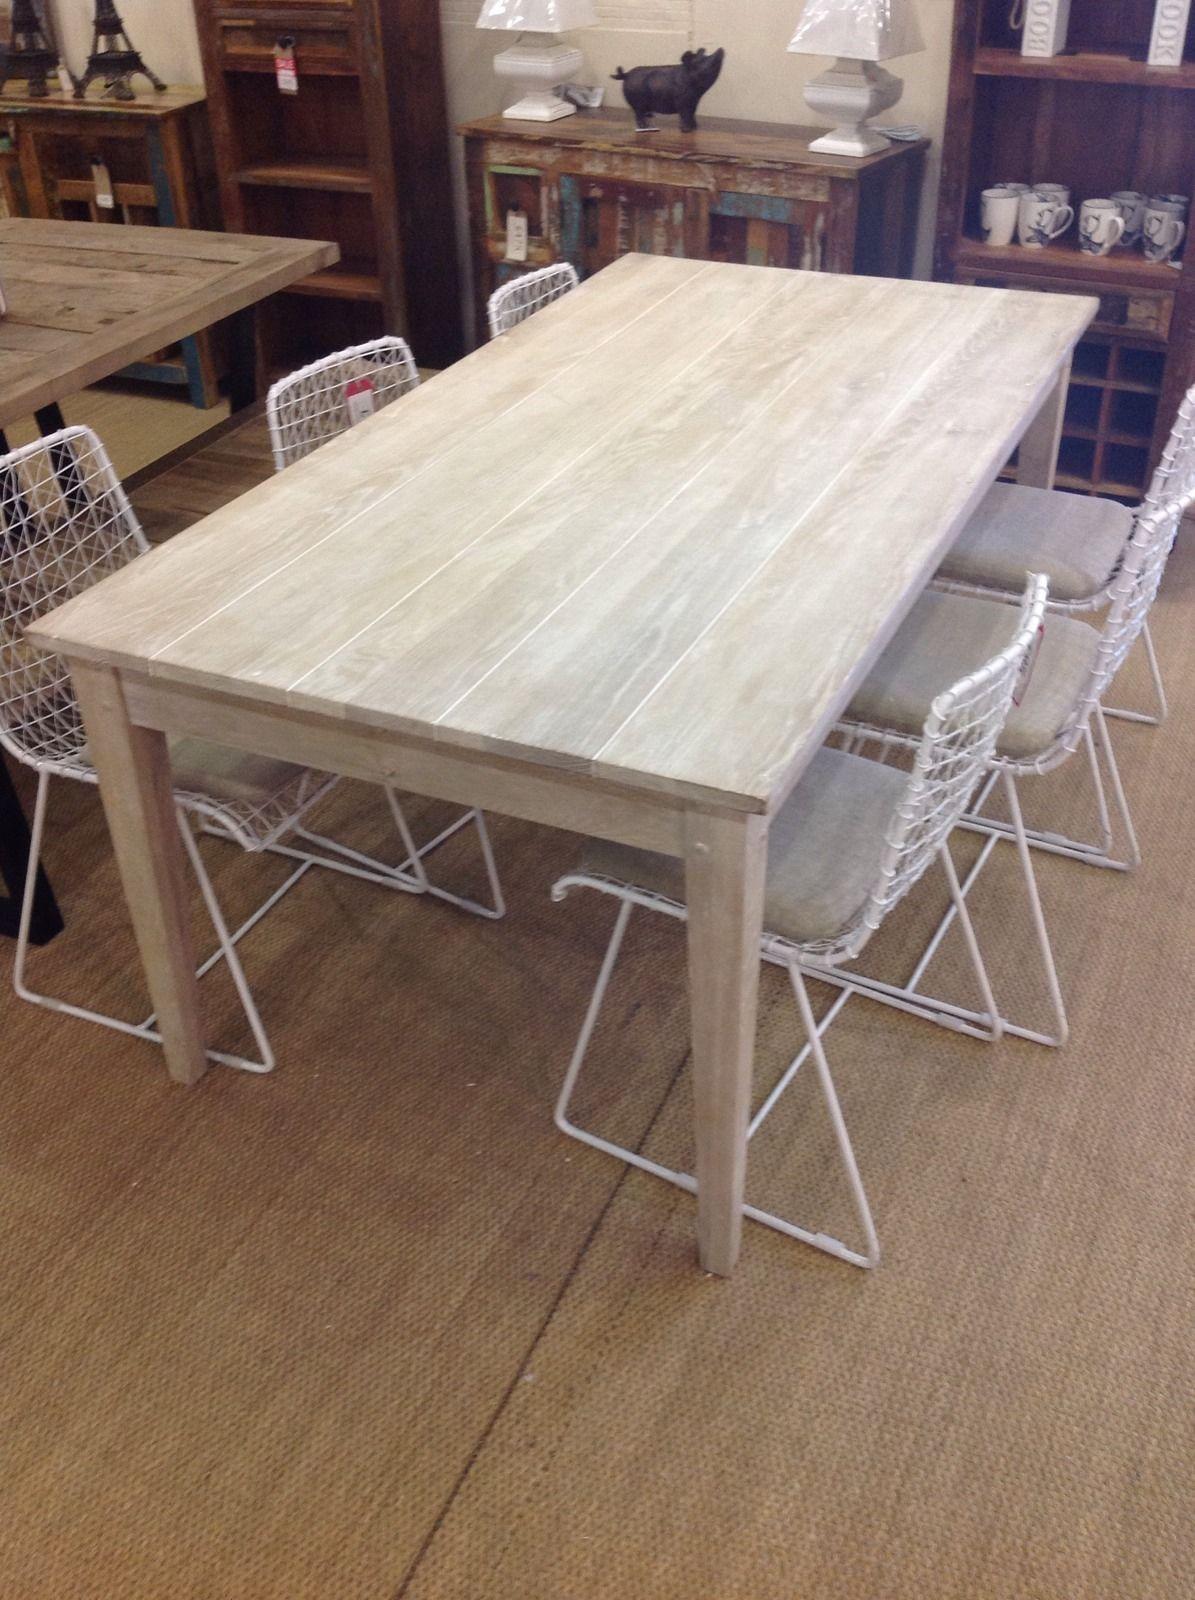 Designer Brand Plank Washed Oak Dining Table Large Cm In Home - Washed oak dining table and chairs